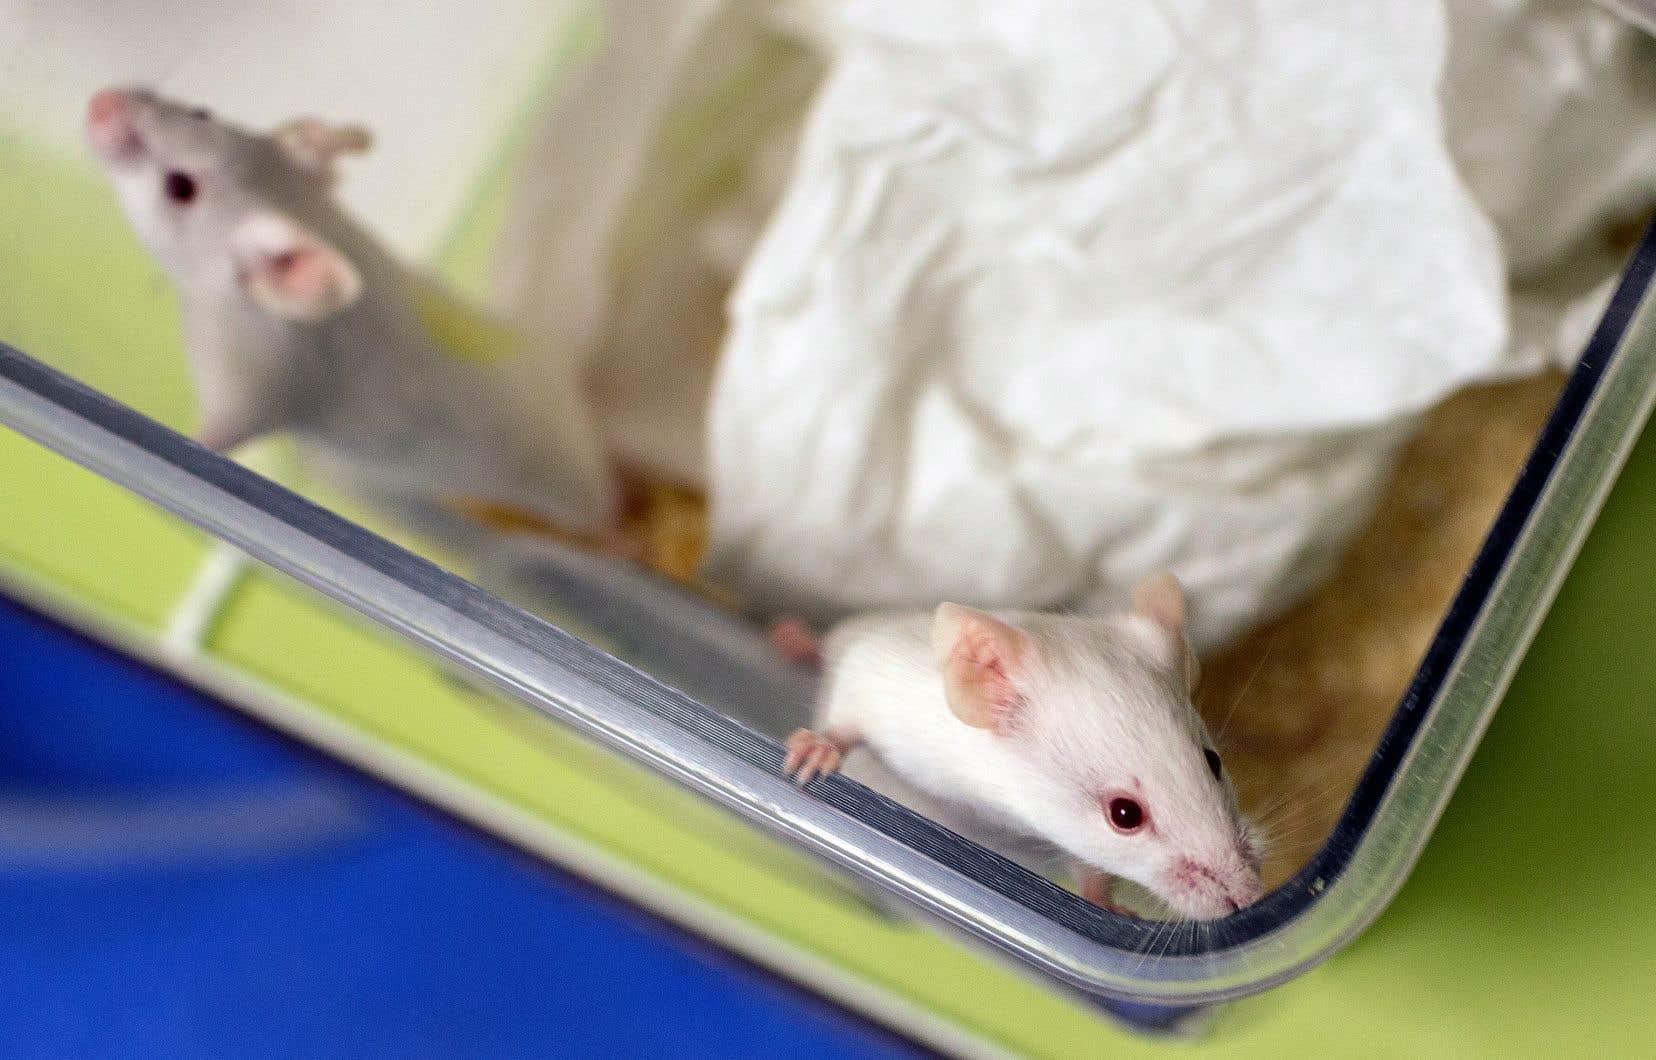 En utilisant des souris à la flore intestinale altérée par l'absence d'un gène, les chercheurs se sont rendu compte qu'elles étaient plus sensibles à l'eczéma.